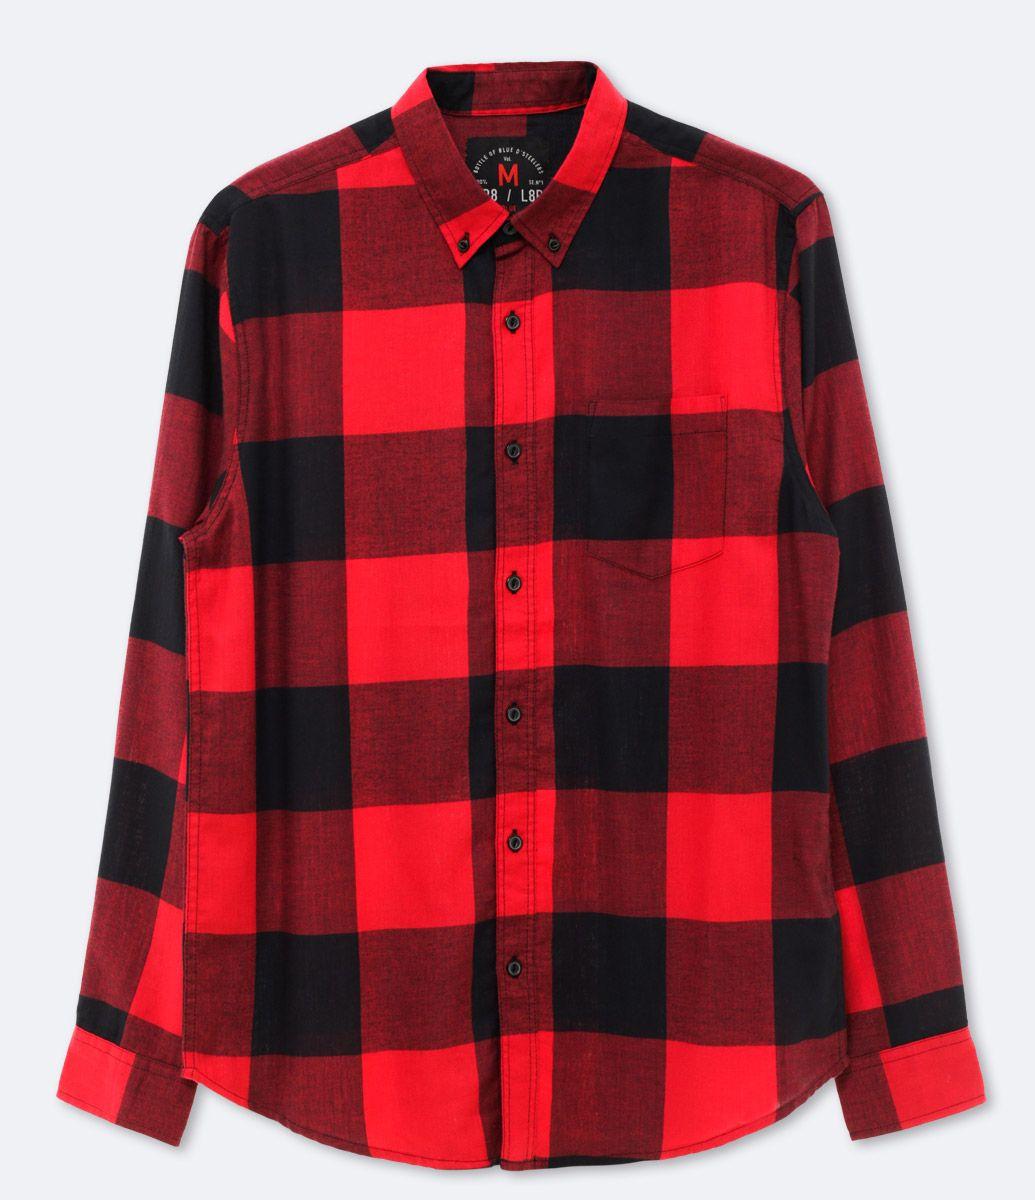 c195c47c5d013 Camisa masculina Manga longa Xadrez Marca: Blue Steel Tecido: sarja  Composição: 100% algodão Modelo veste tamanho: M COLEÇÃO VERÃO 2017 Veja  outras opções ...